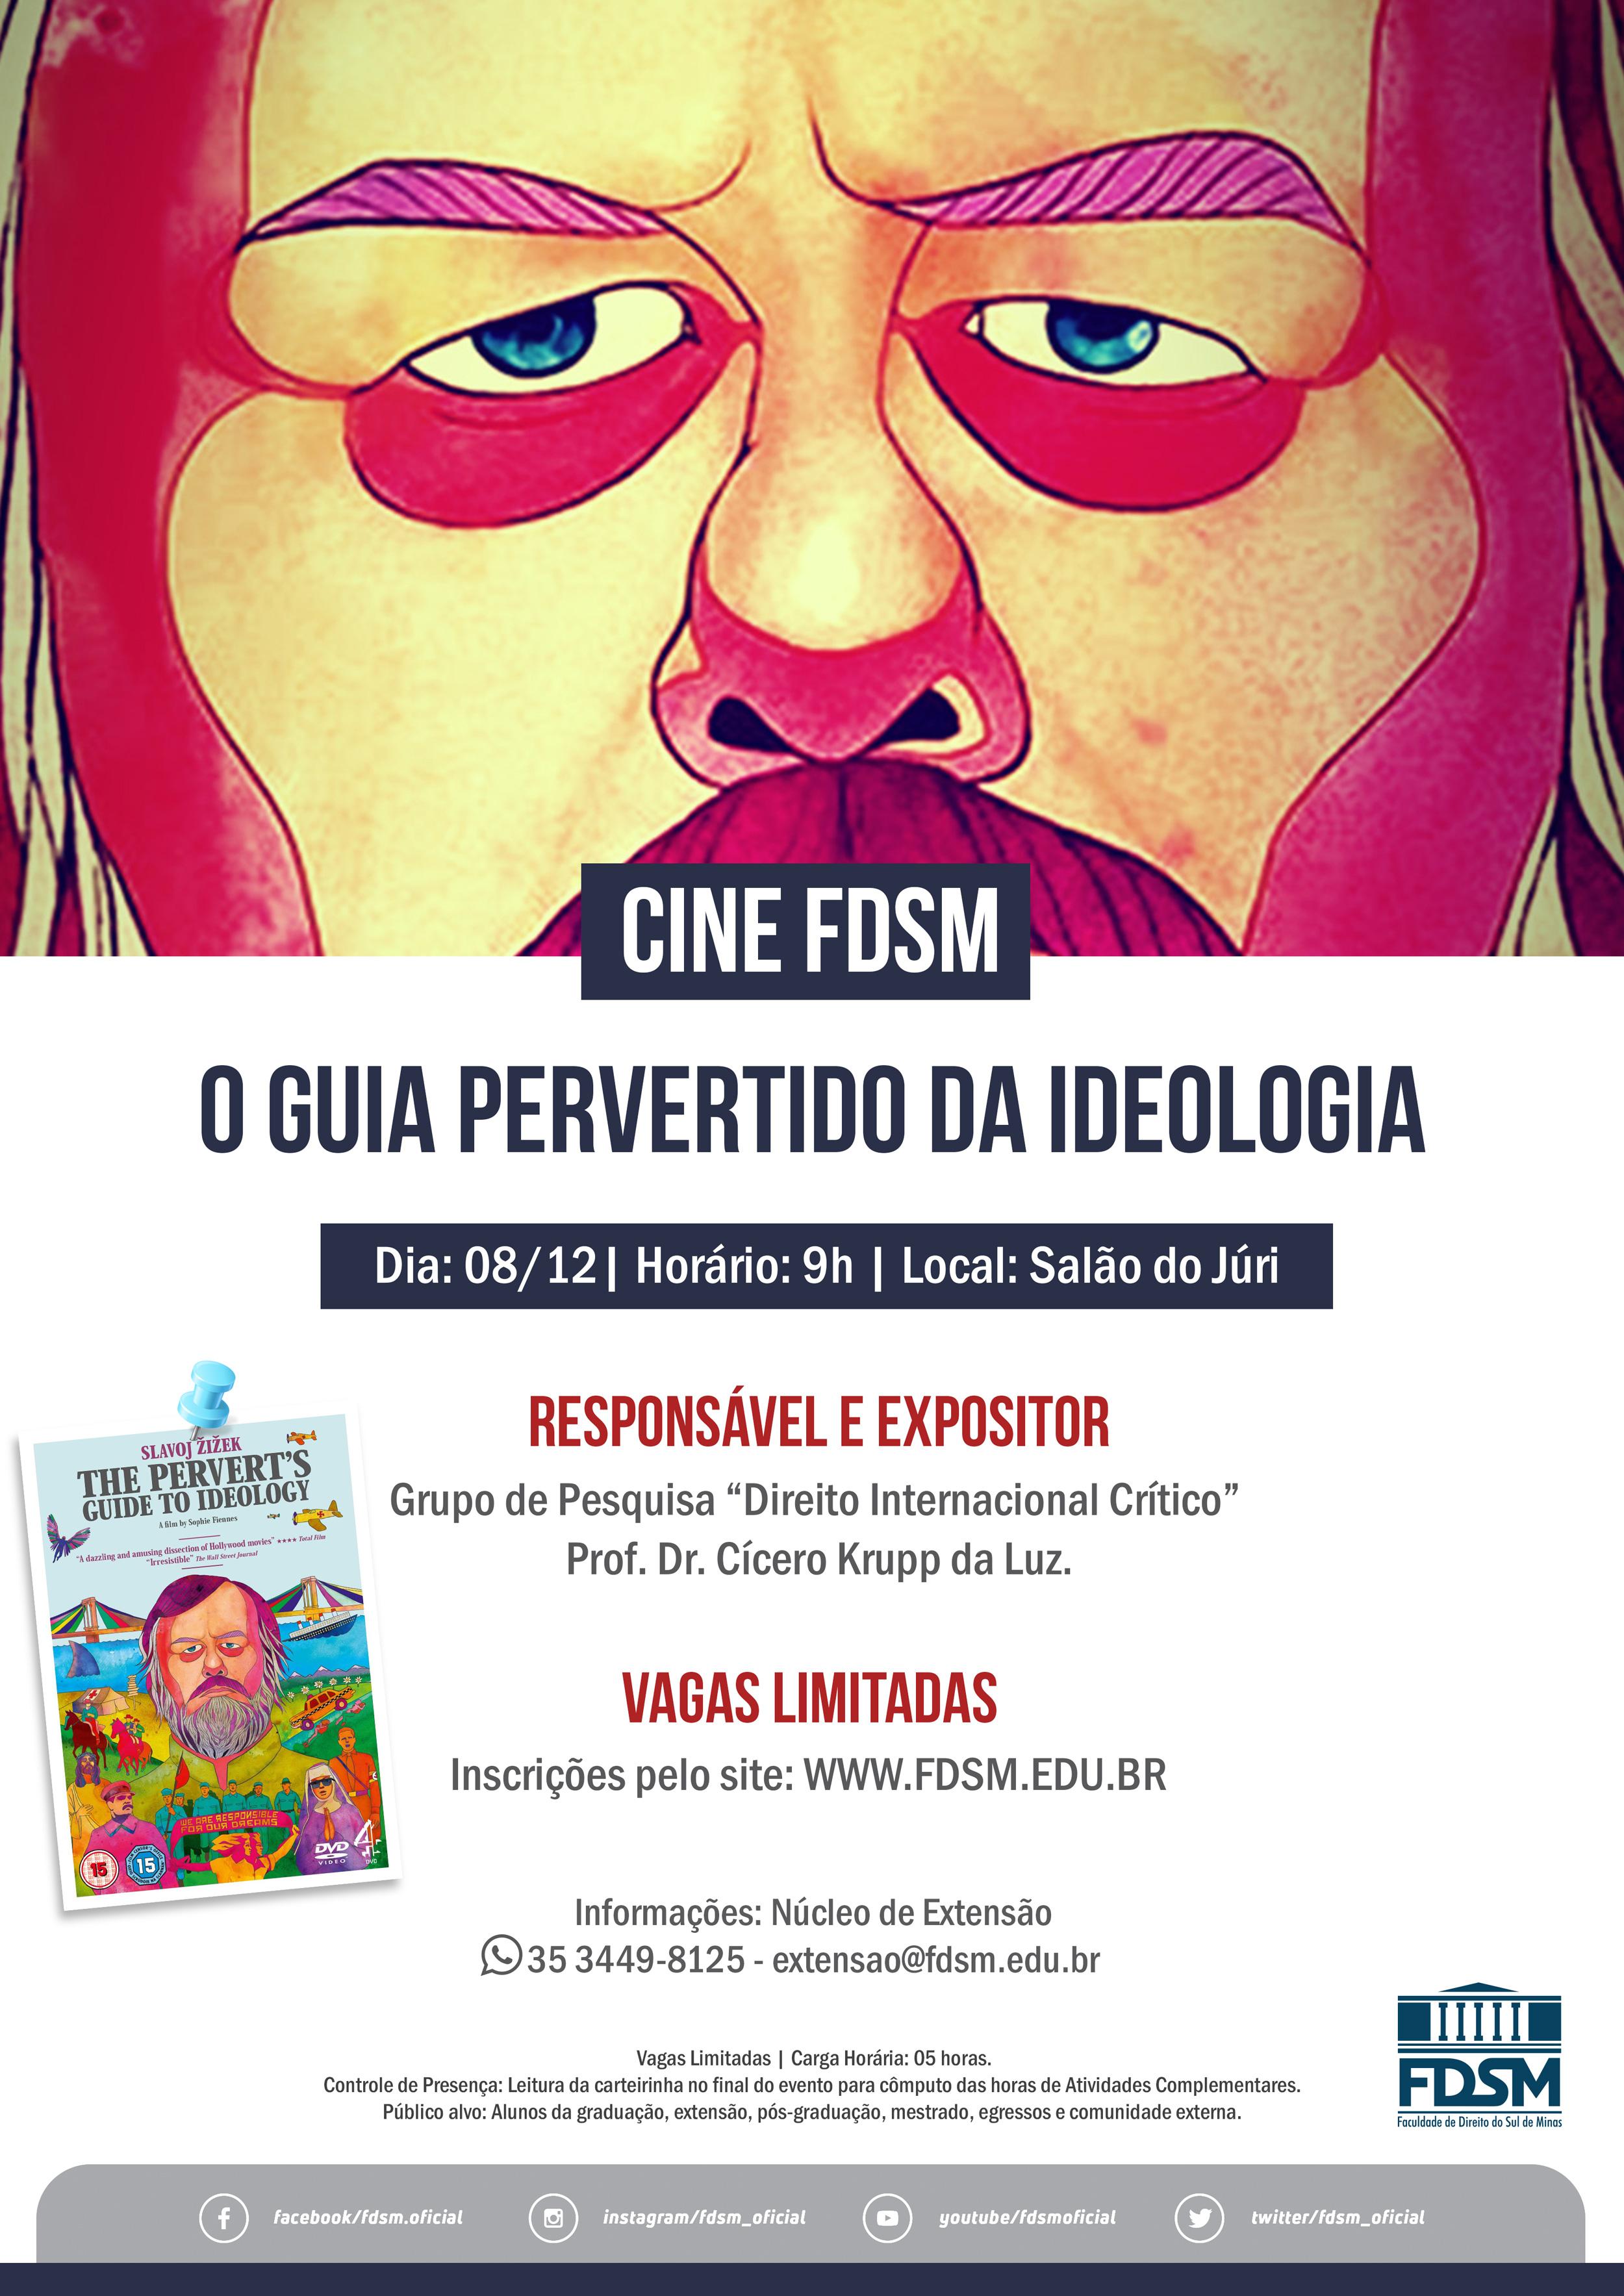 Cine FDSM - O Guia Pervertido da Ideologia.